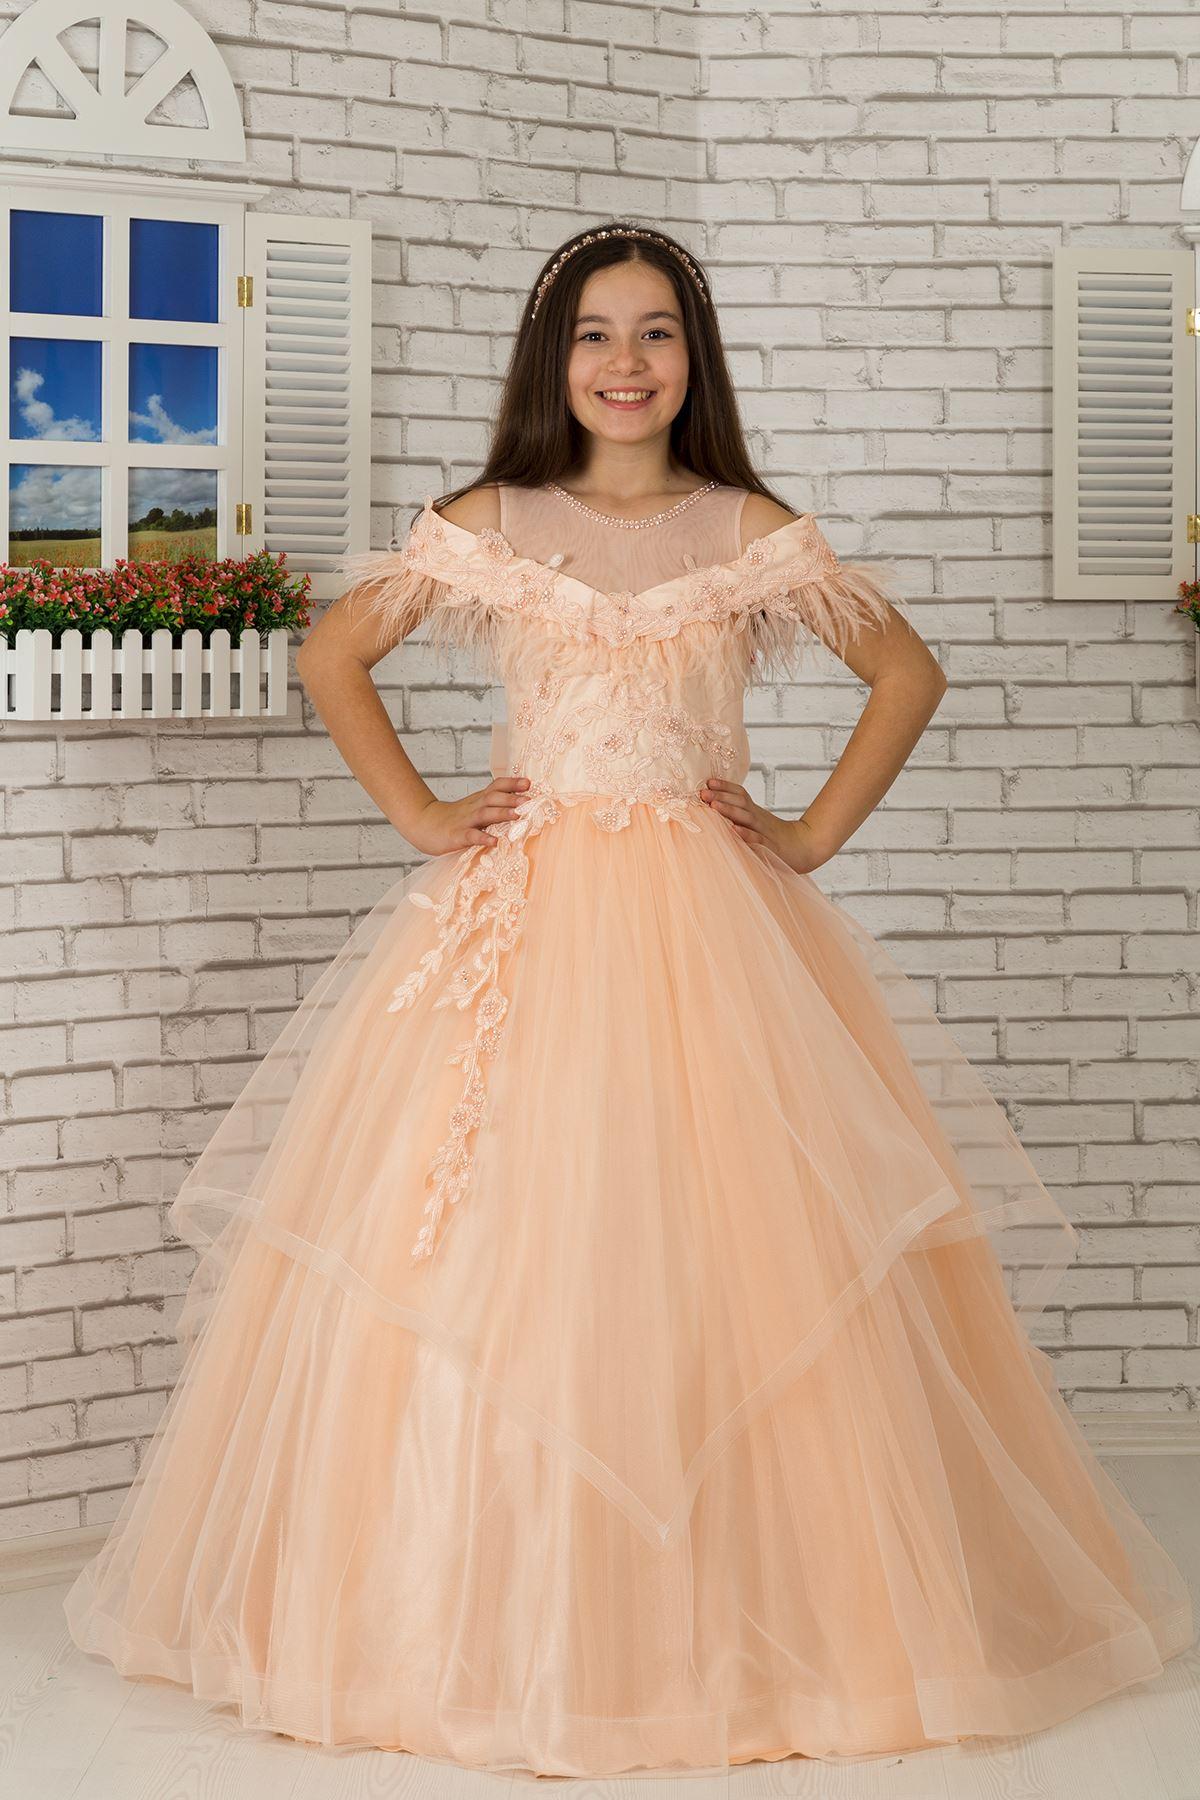 シャギーカヤックネックライン、ディテールにこだわった、チュールのふわふわの女の子のイブニングドレスドレス604サーモン